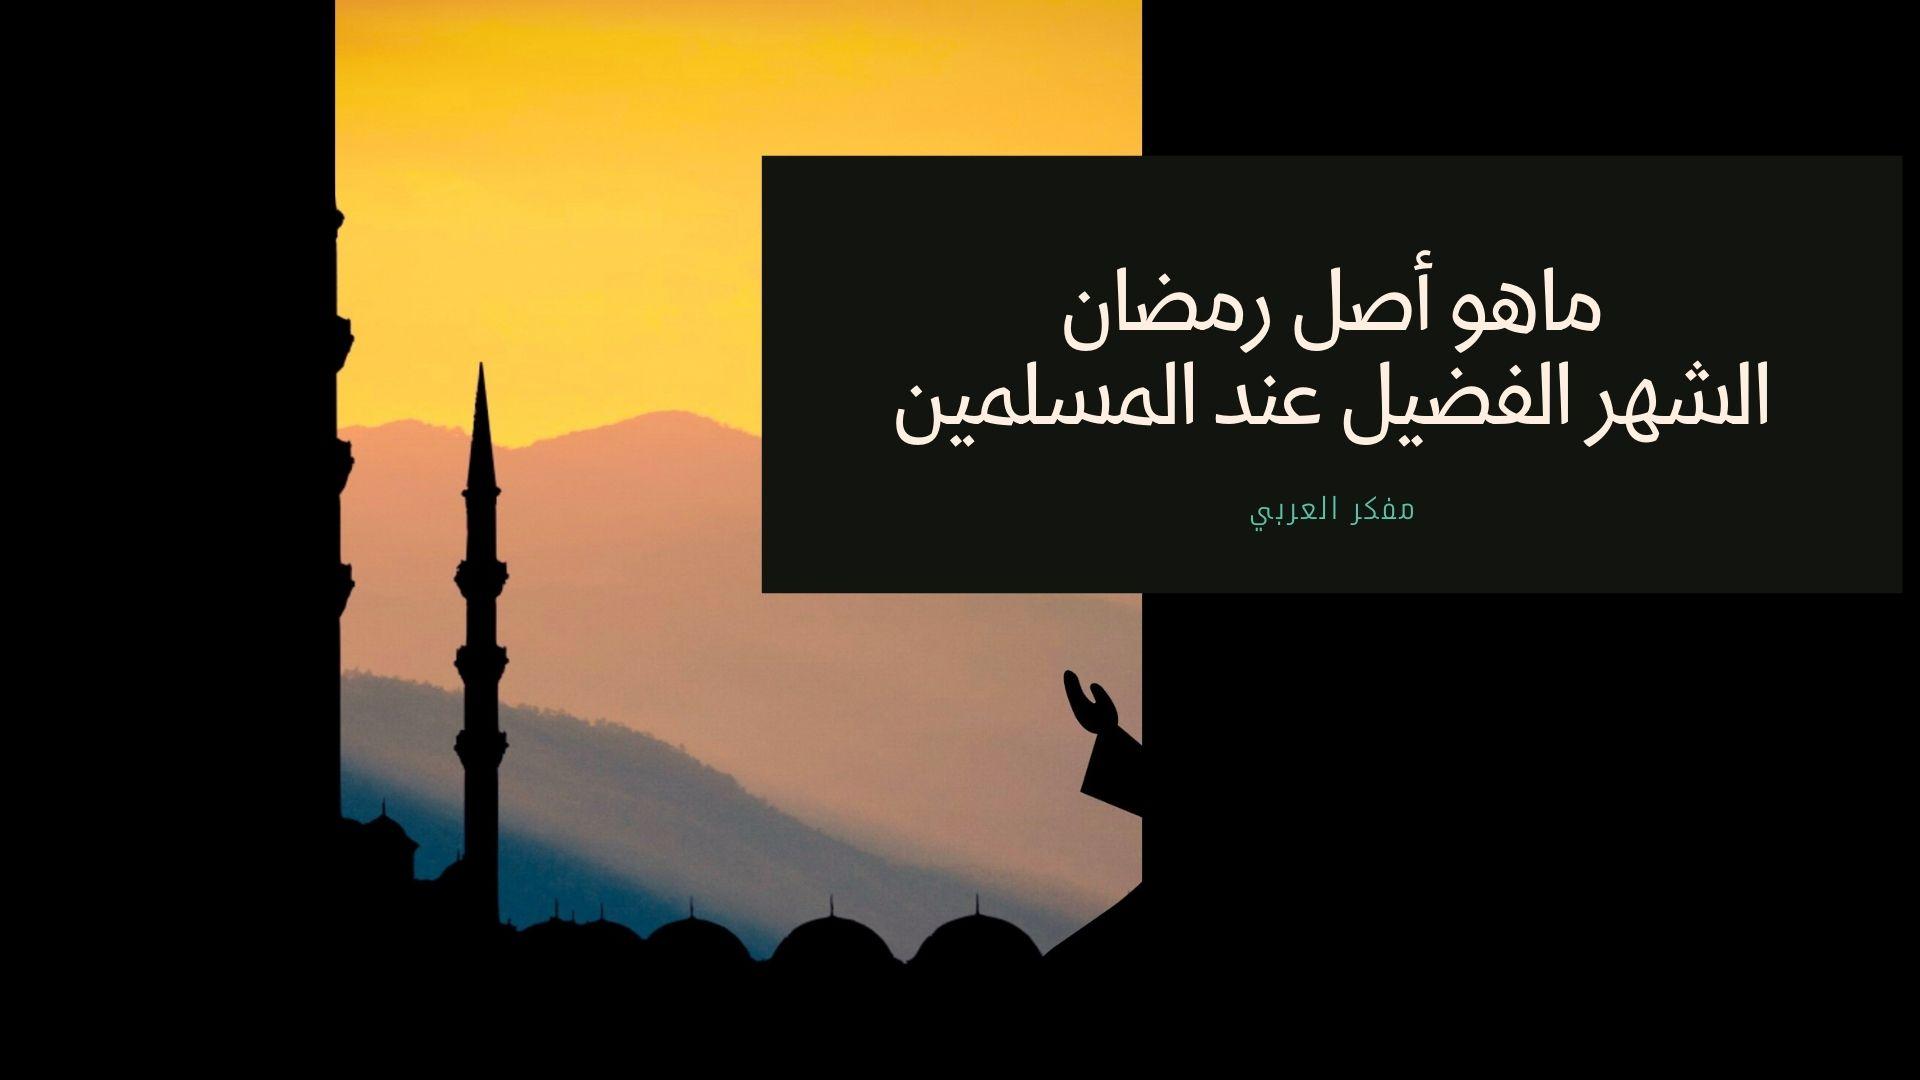 ماهو أصل رمضان , الشهر الفضيل عند المسلمين